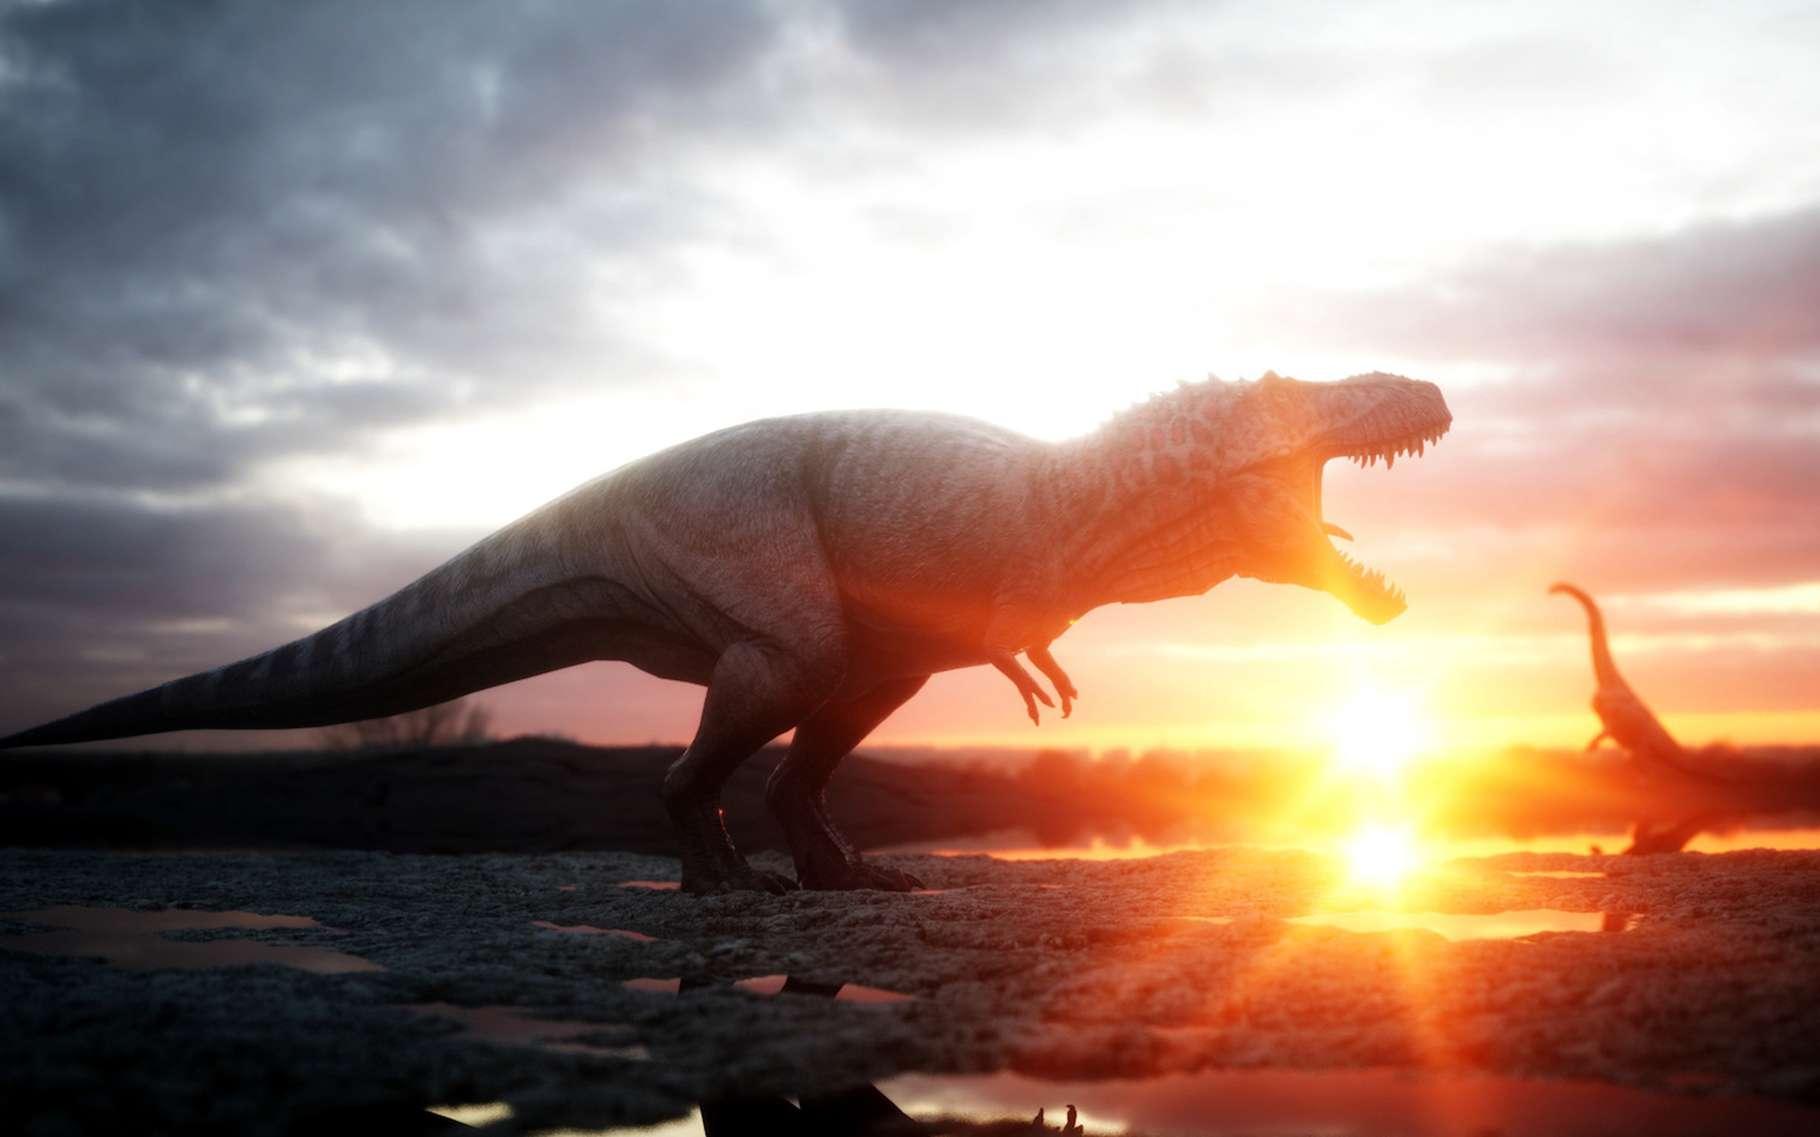 Selon une étude de l'université de Tel Aviv (Israël) et de l'University College London (Royaume-Uni), les mammifères ont commencé à apparaître au grand jour à la fin du Crétacé, il y a quelque 66 millions d'années, à la faveur de la disparition des dinosaures. © chagpg, Fotolia